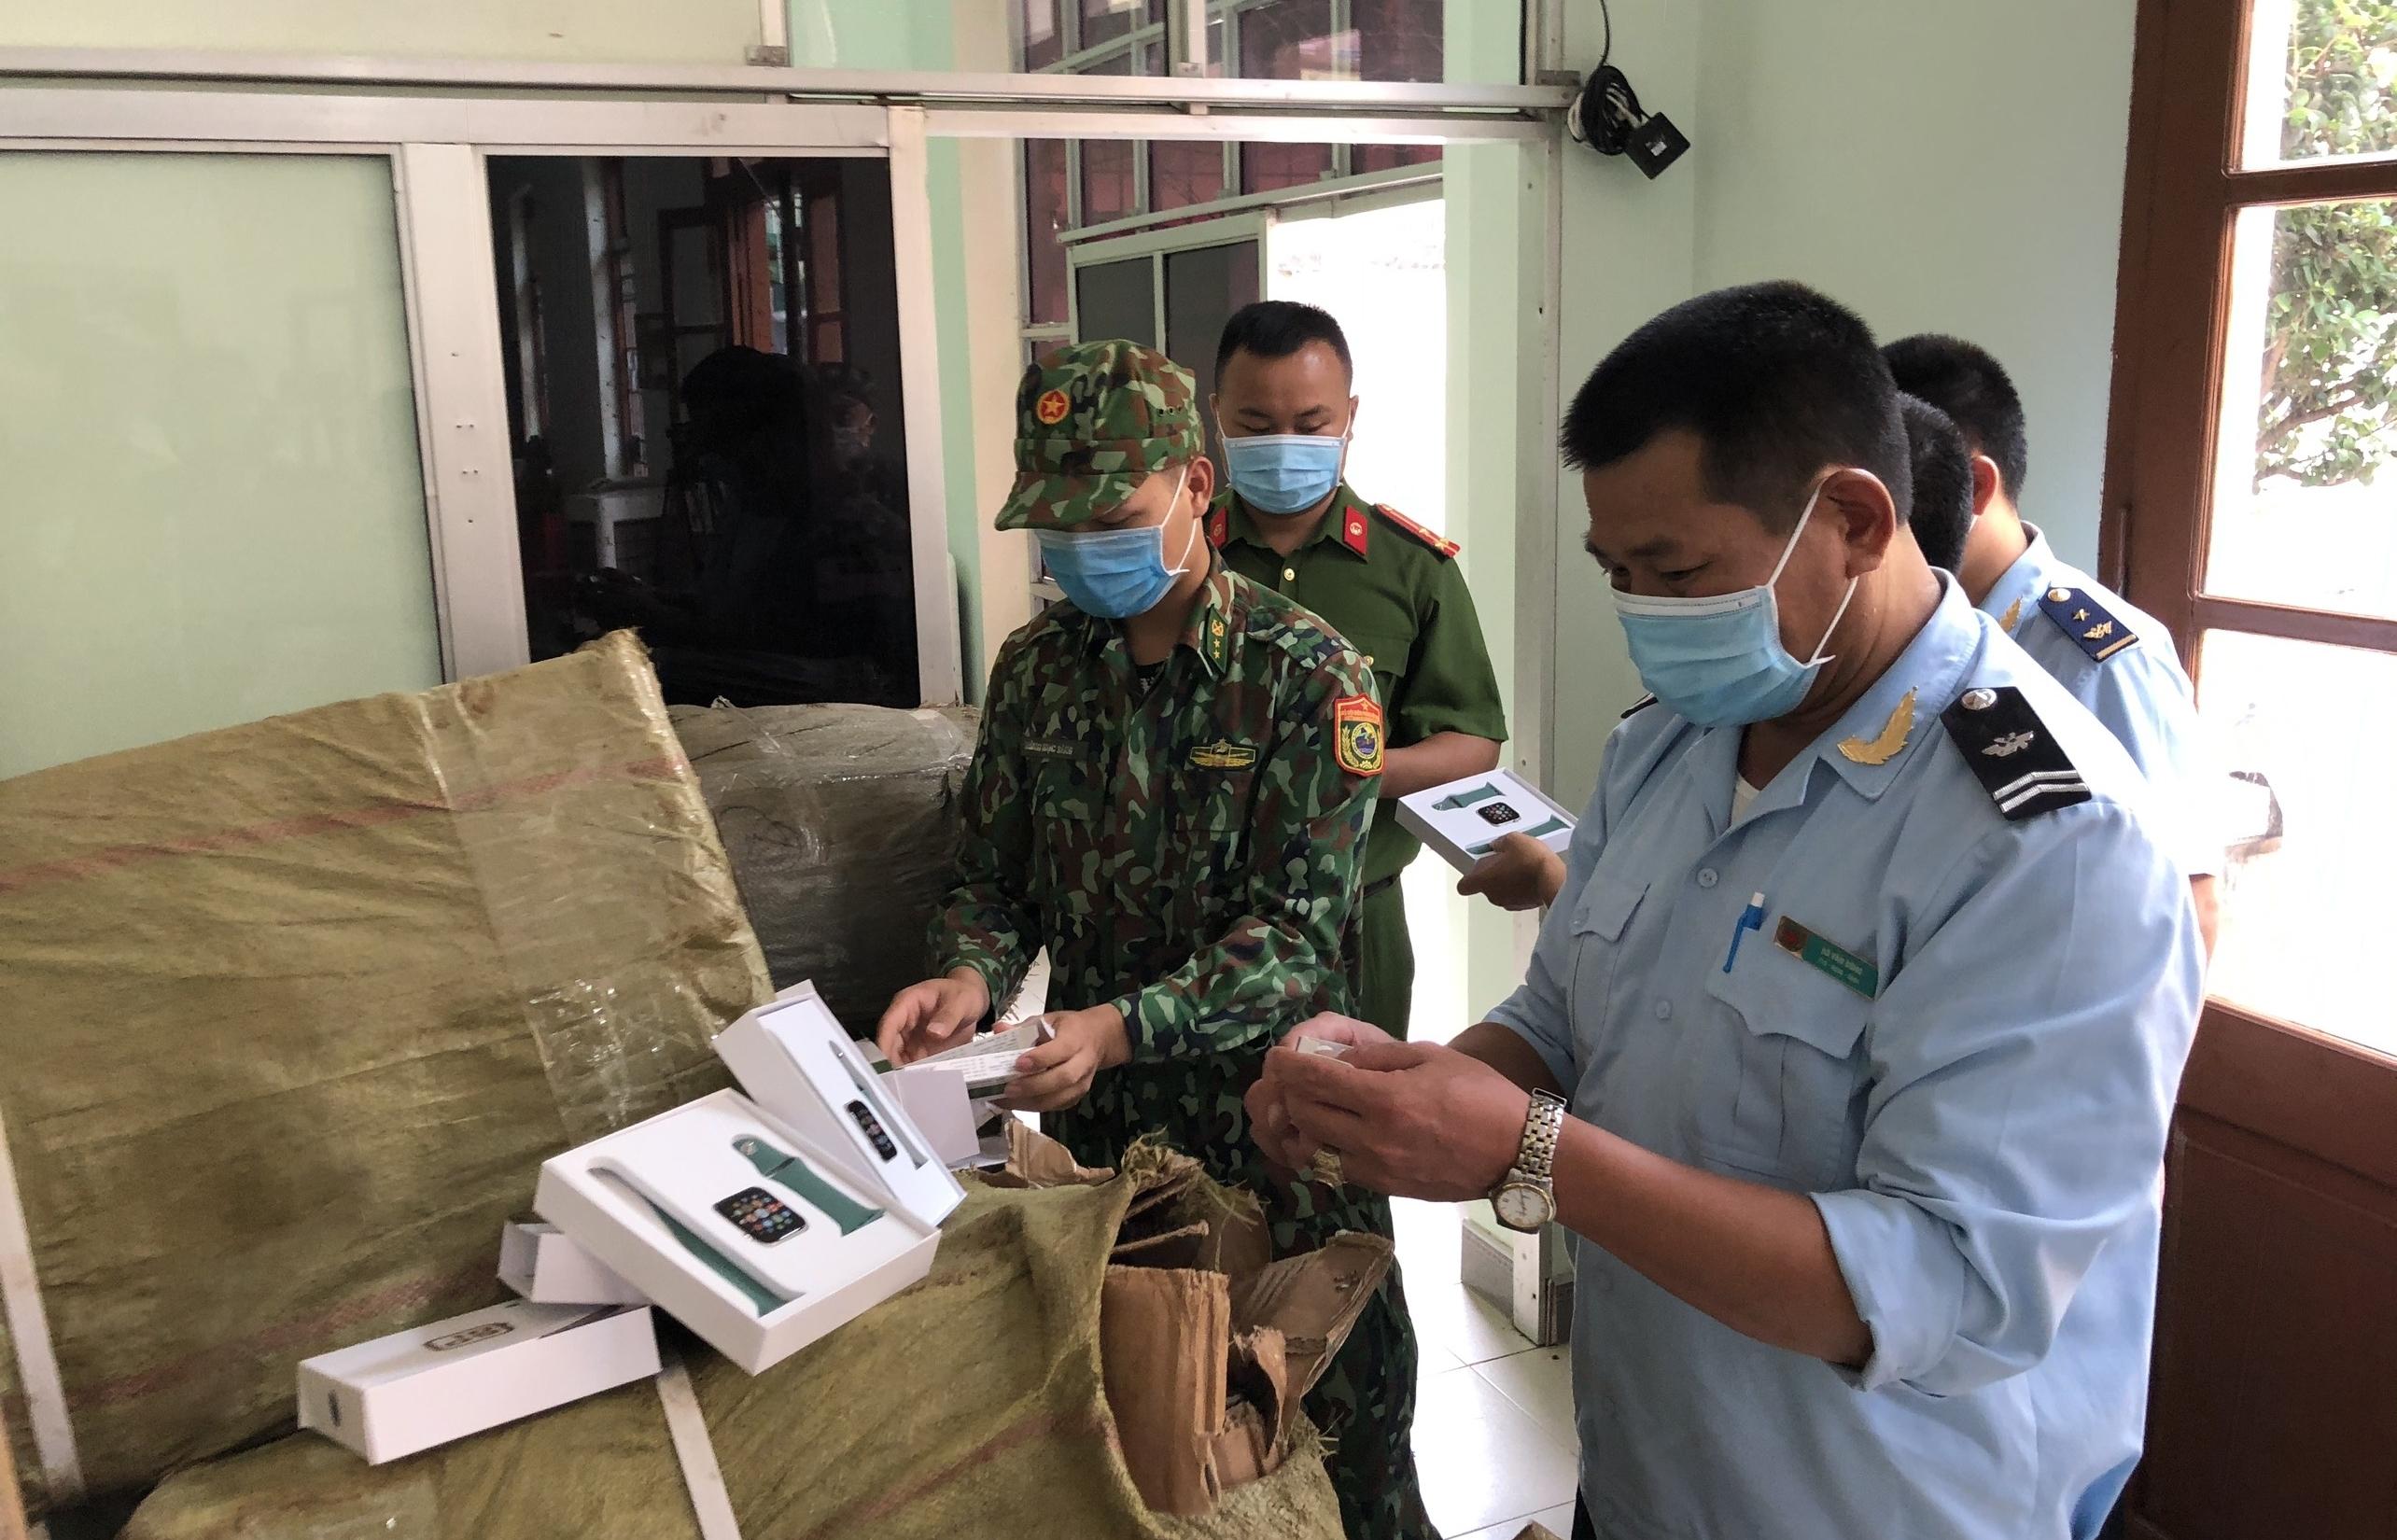 Hải quan Tân Thanh bắt giữ số lượng lớn điện thoại, linh kiện điện thoại